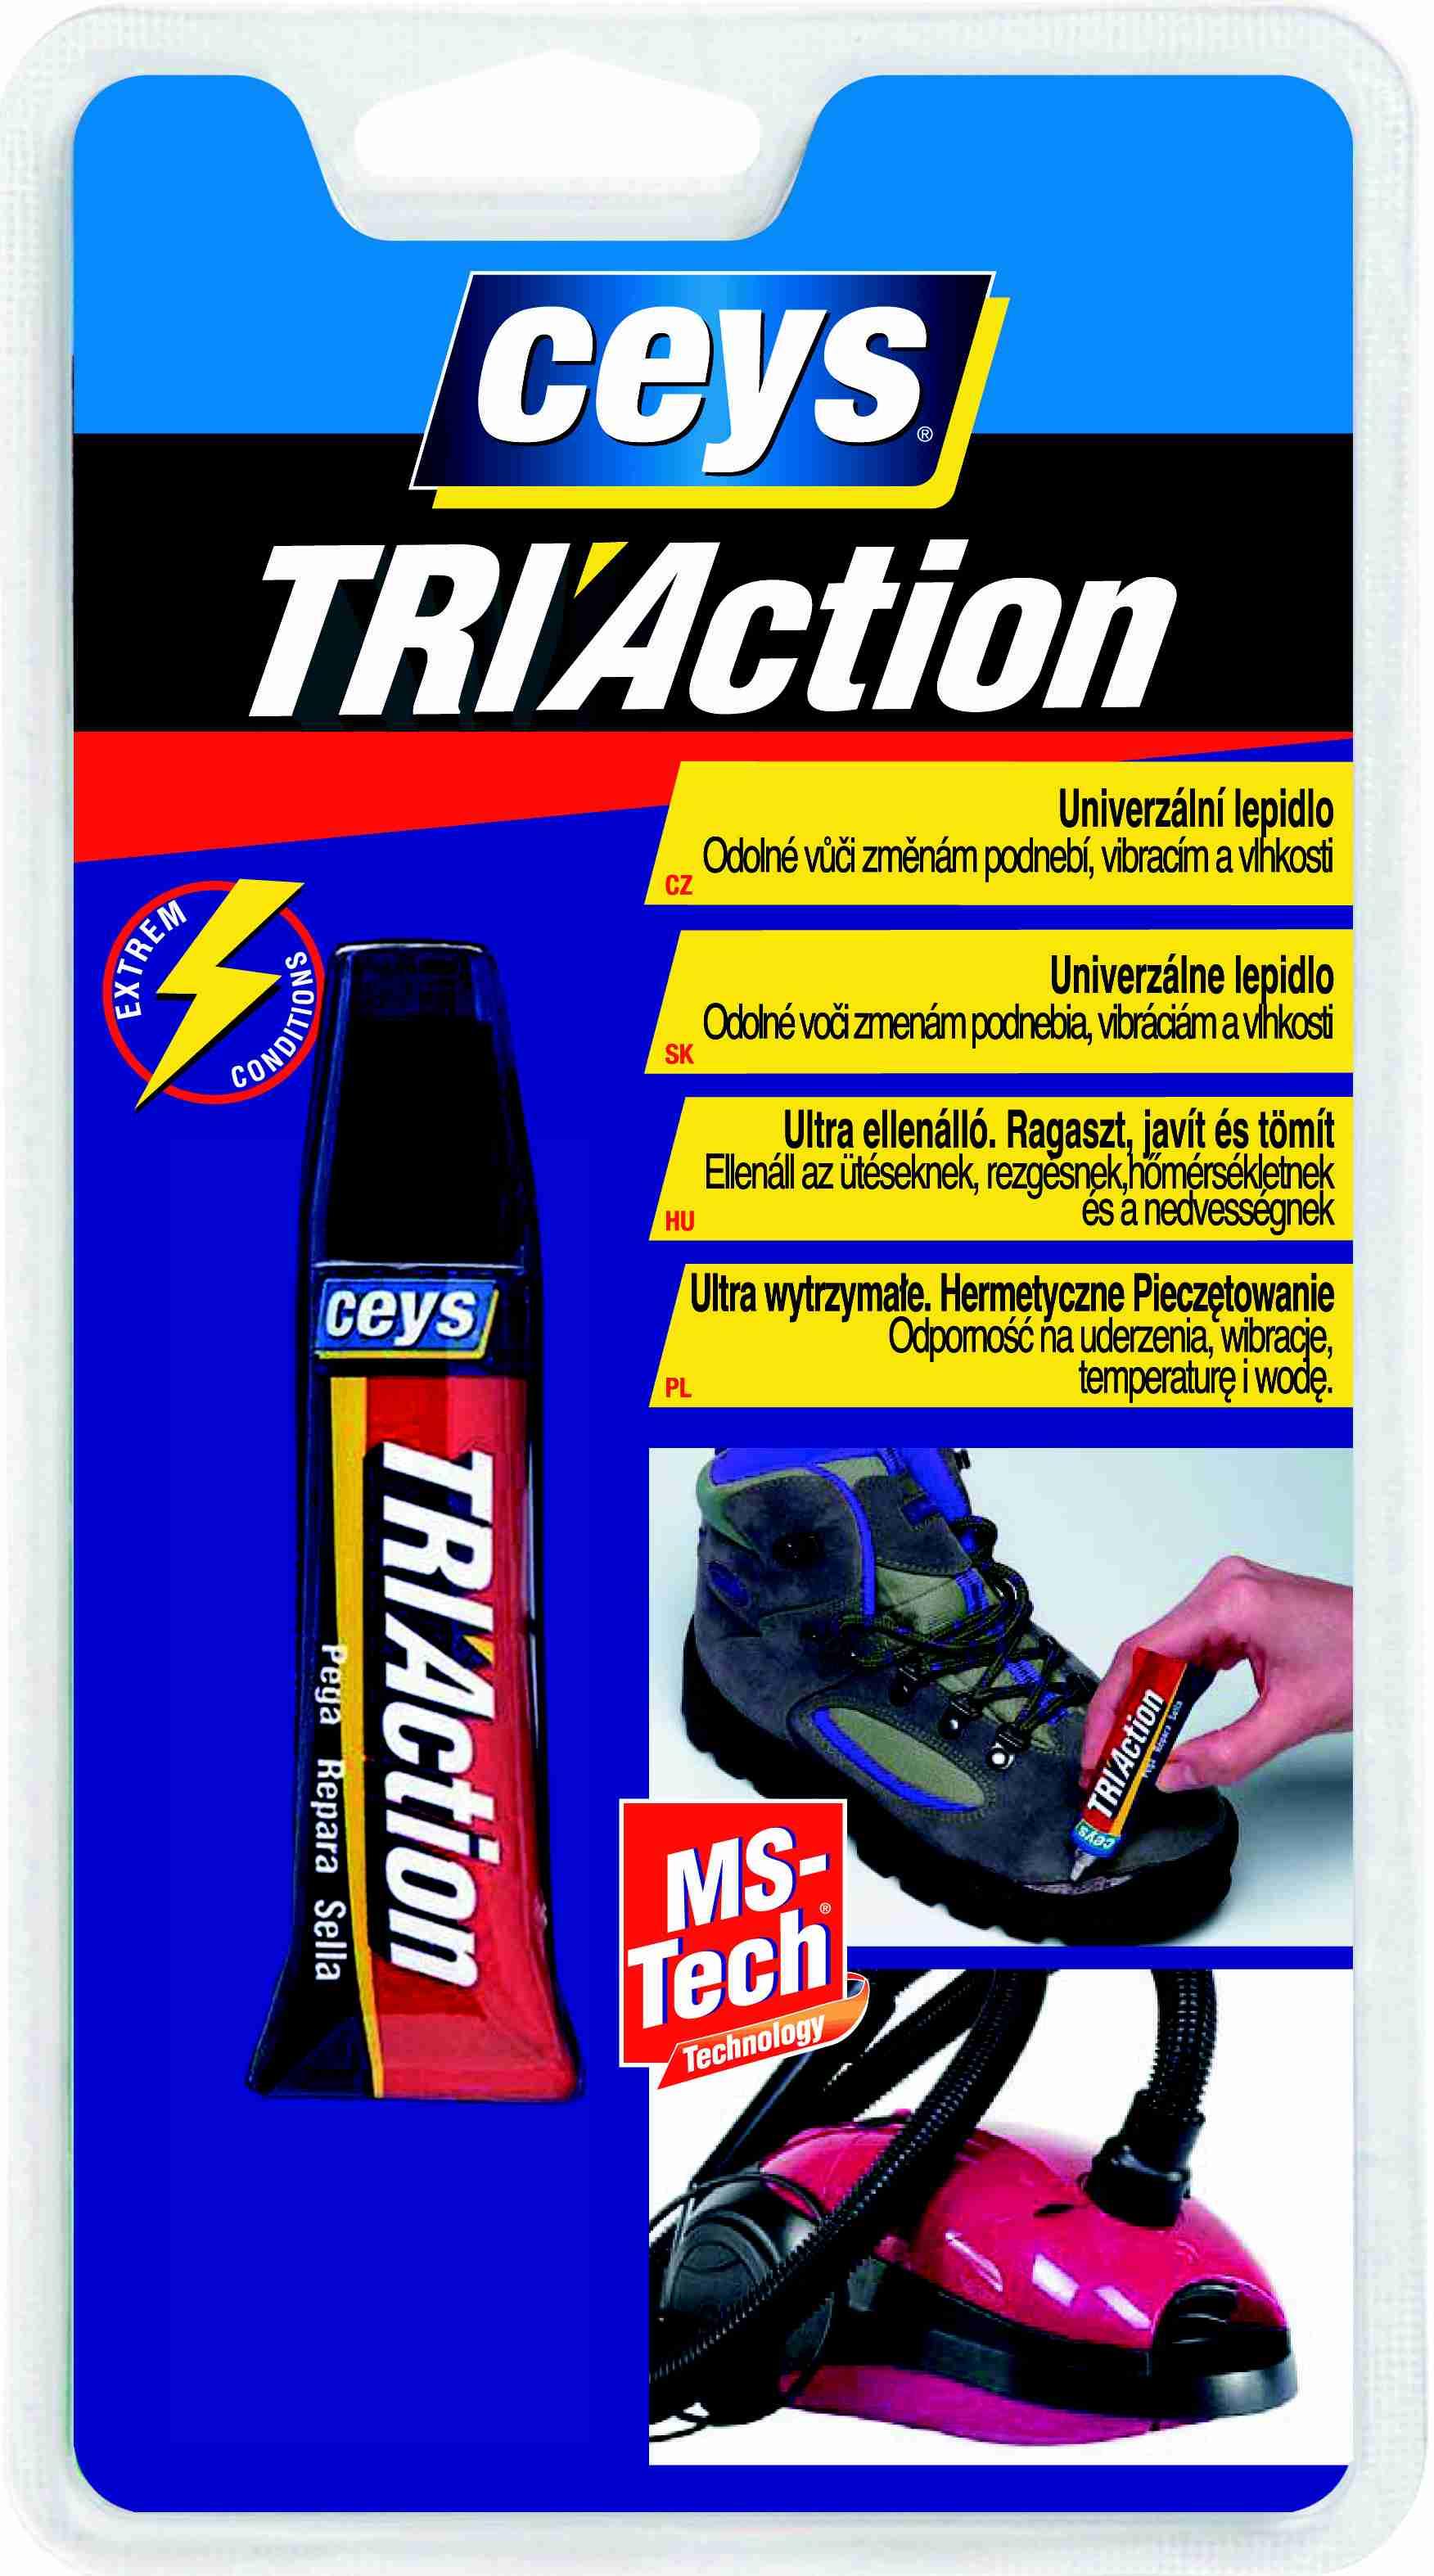 Univerzální lepidlo MS - TECH ( TRIACTION) 10 g CEYS